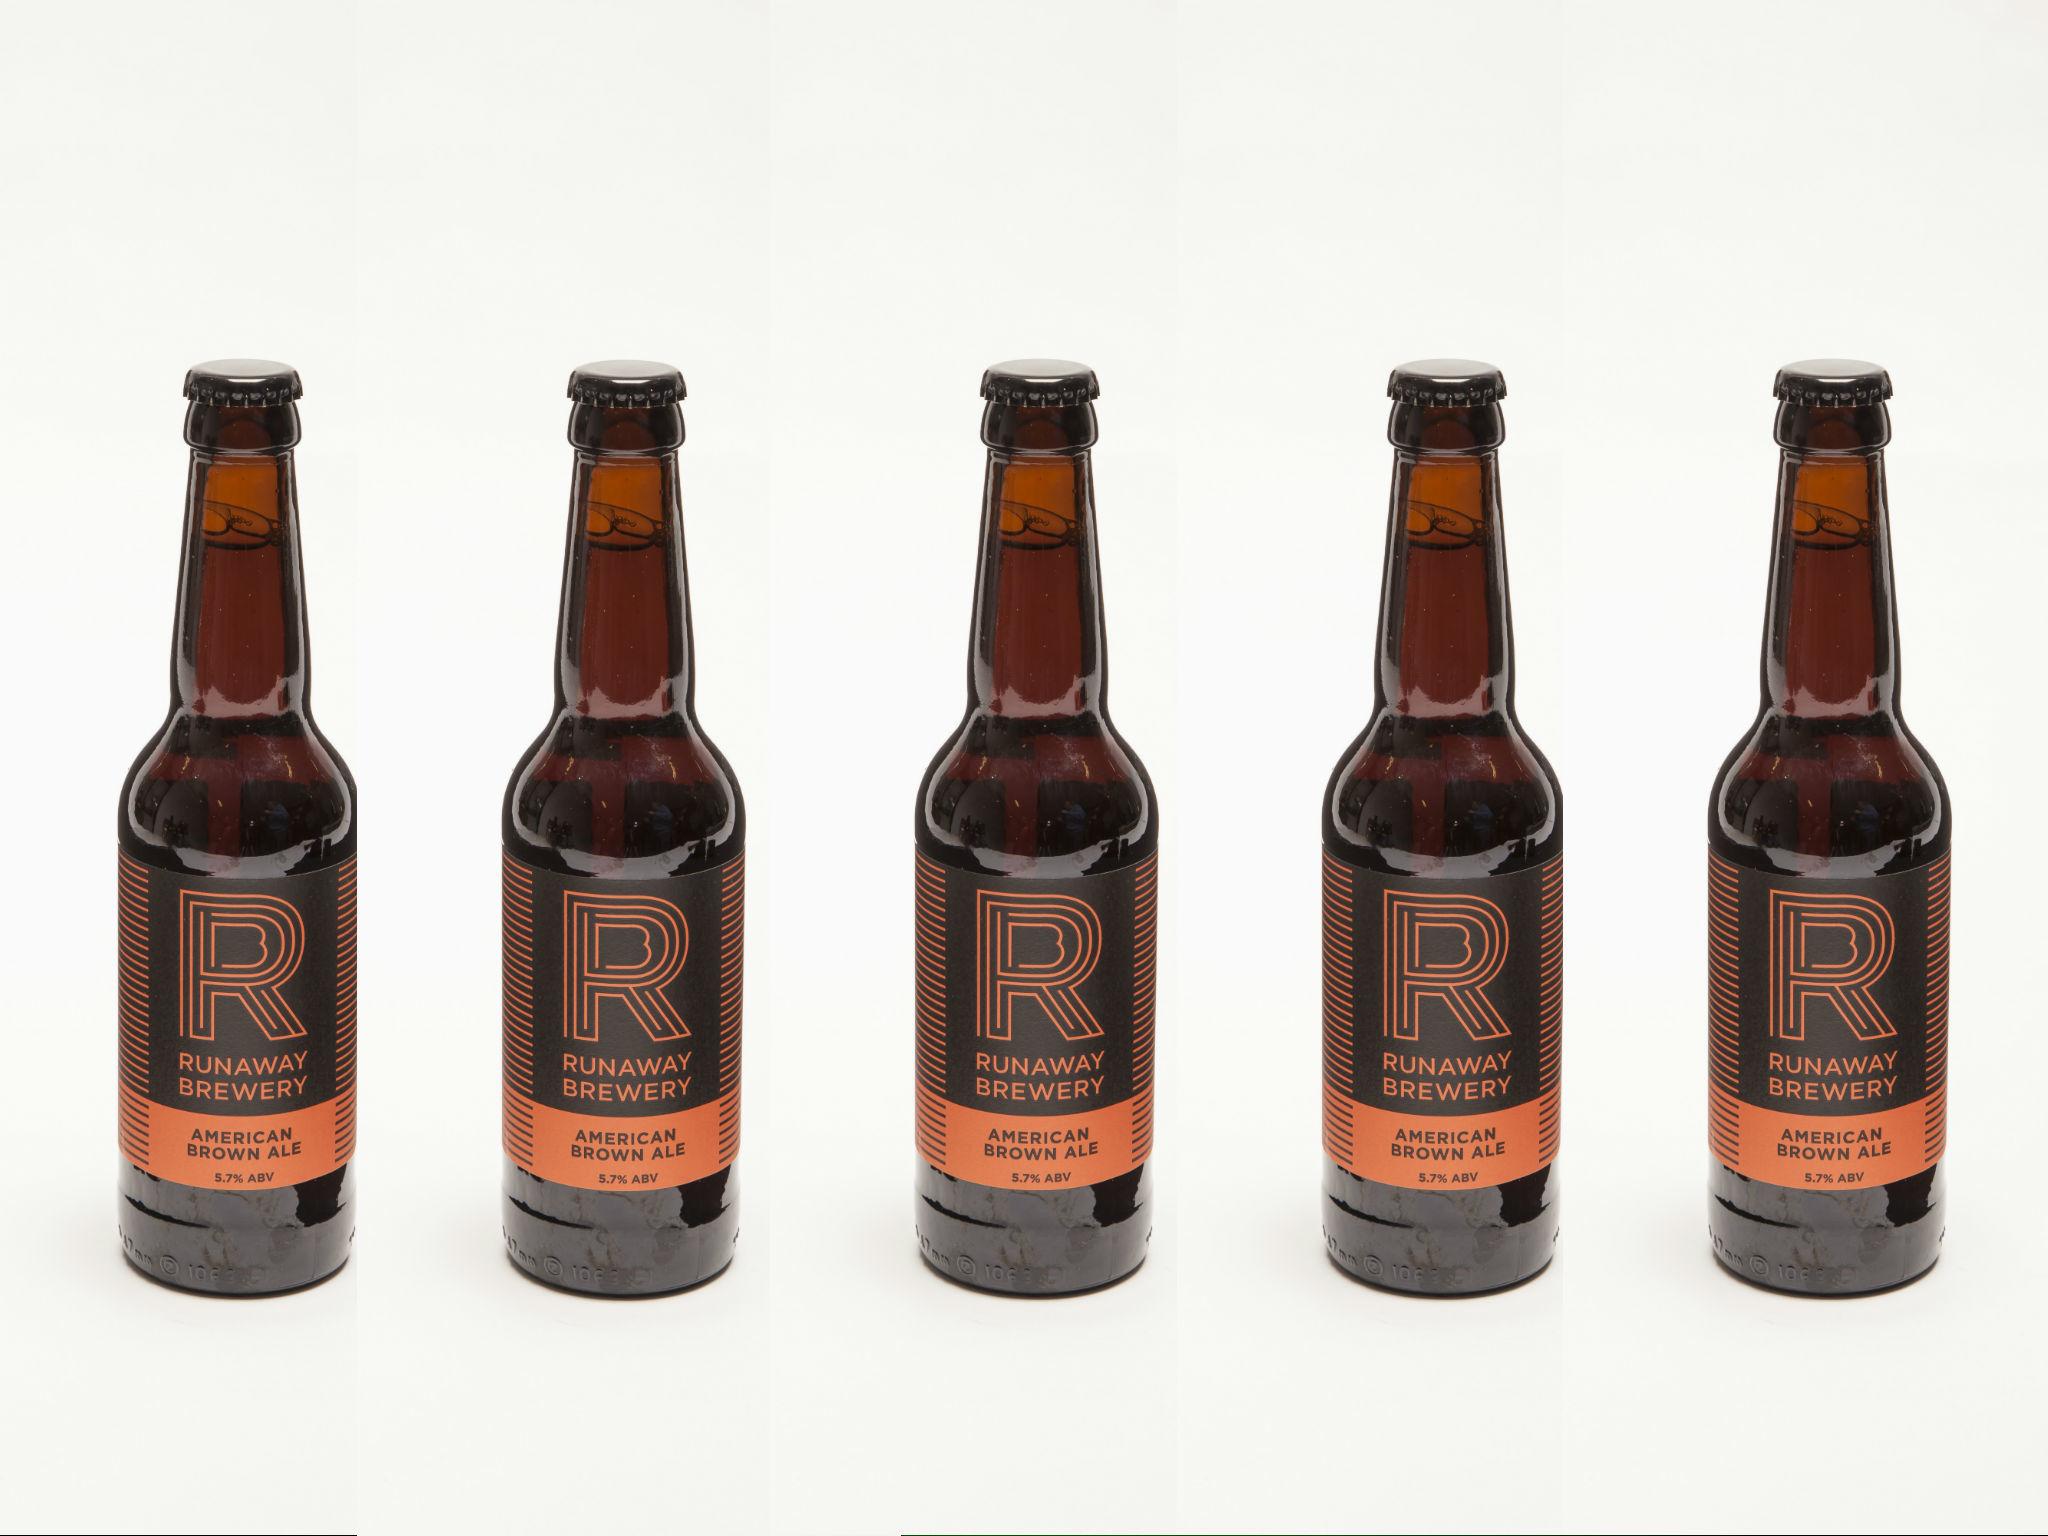 Runaway Brewery – American Brown Ale (5.7 percent)